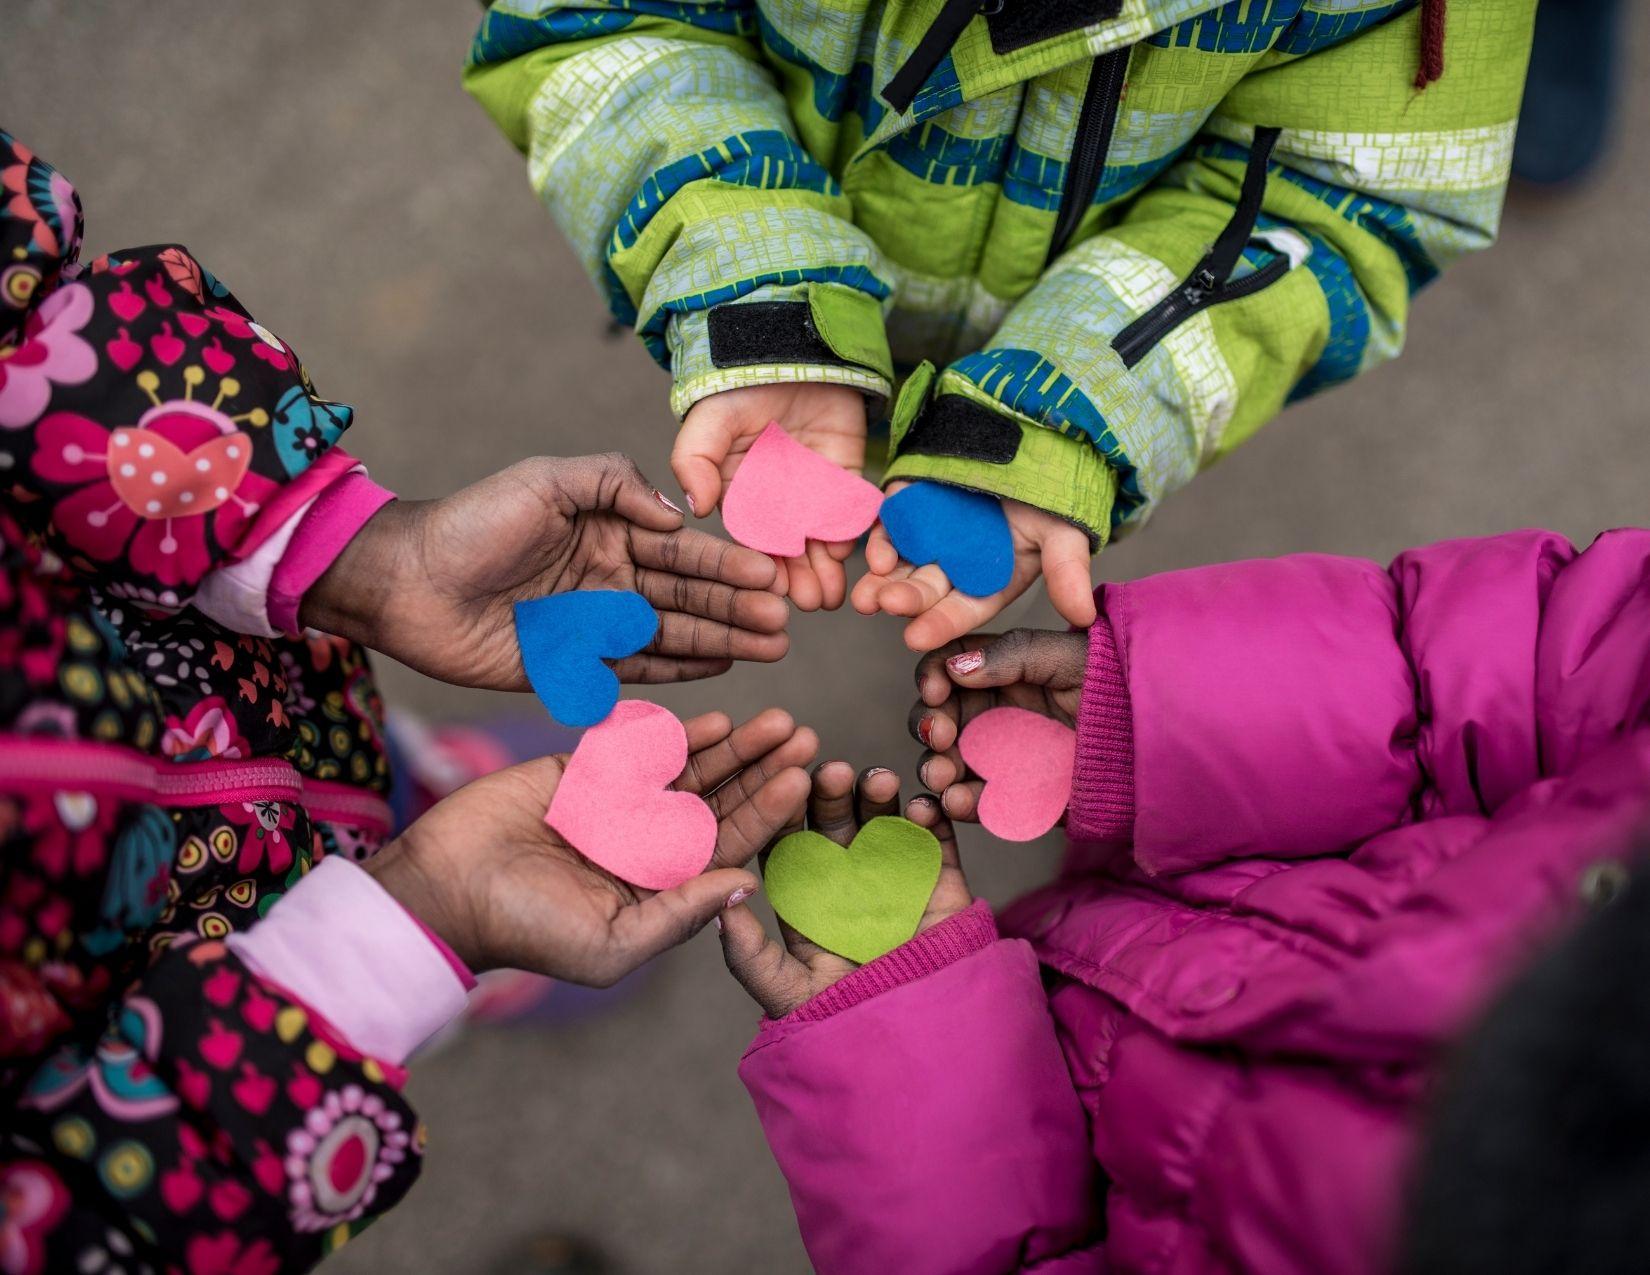 несовместимость по группе крови при трансплантации сердца у детей